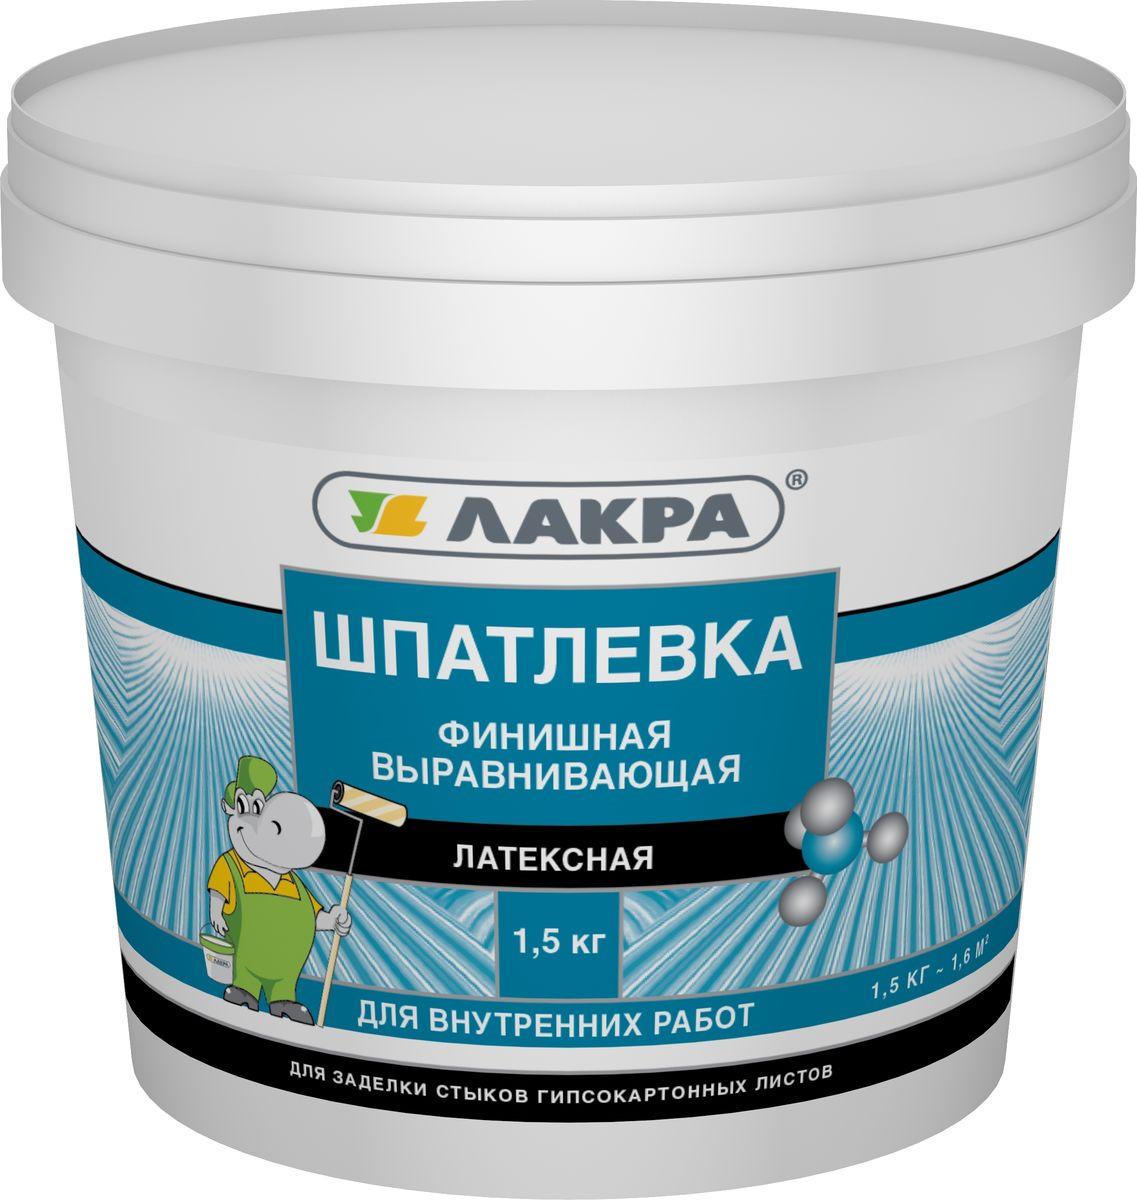 цена на Шпатлевка Лакра латексная, финишная, выравнивающая, для гипсокартона, 4603292014098, белый, 1.5 кг